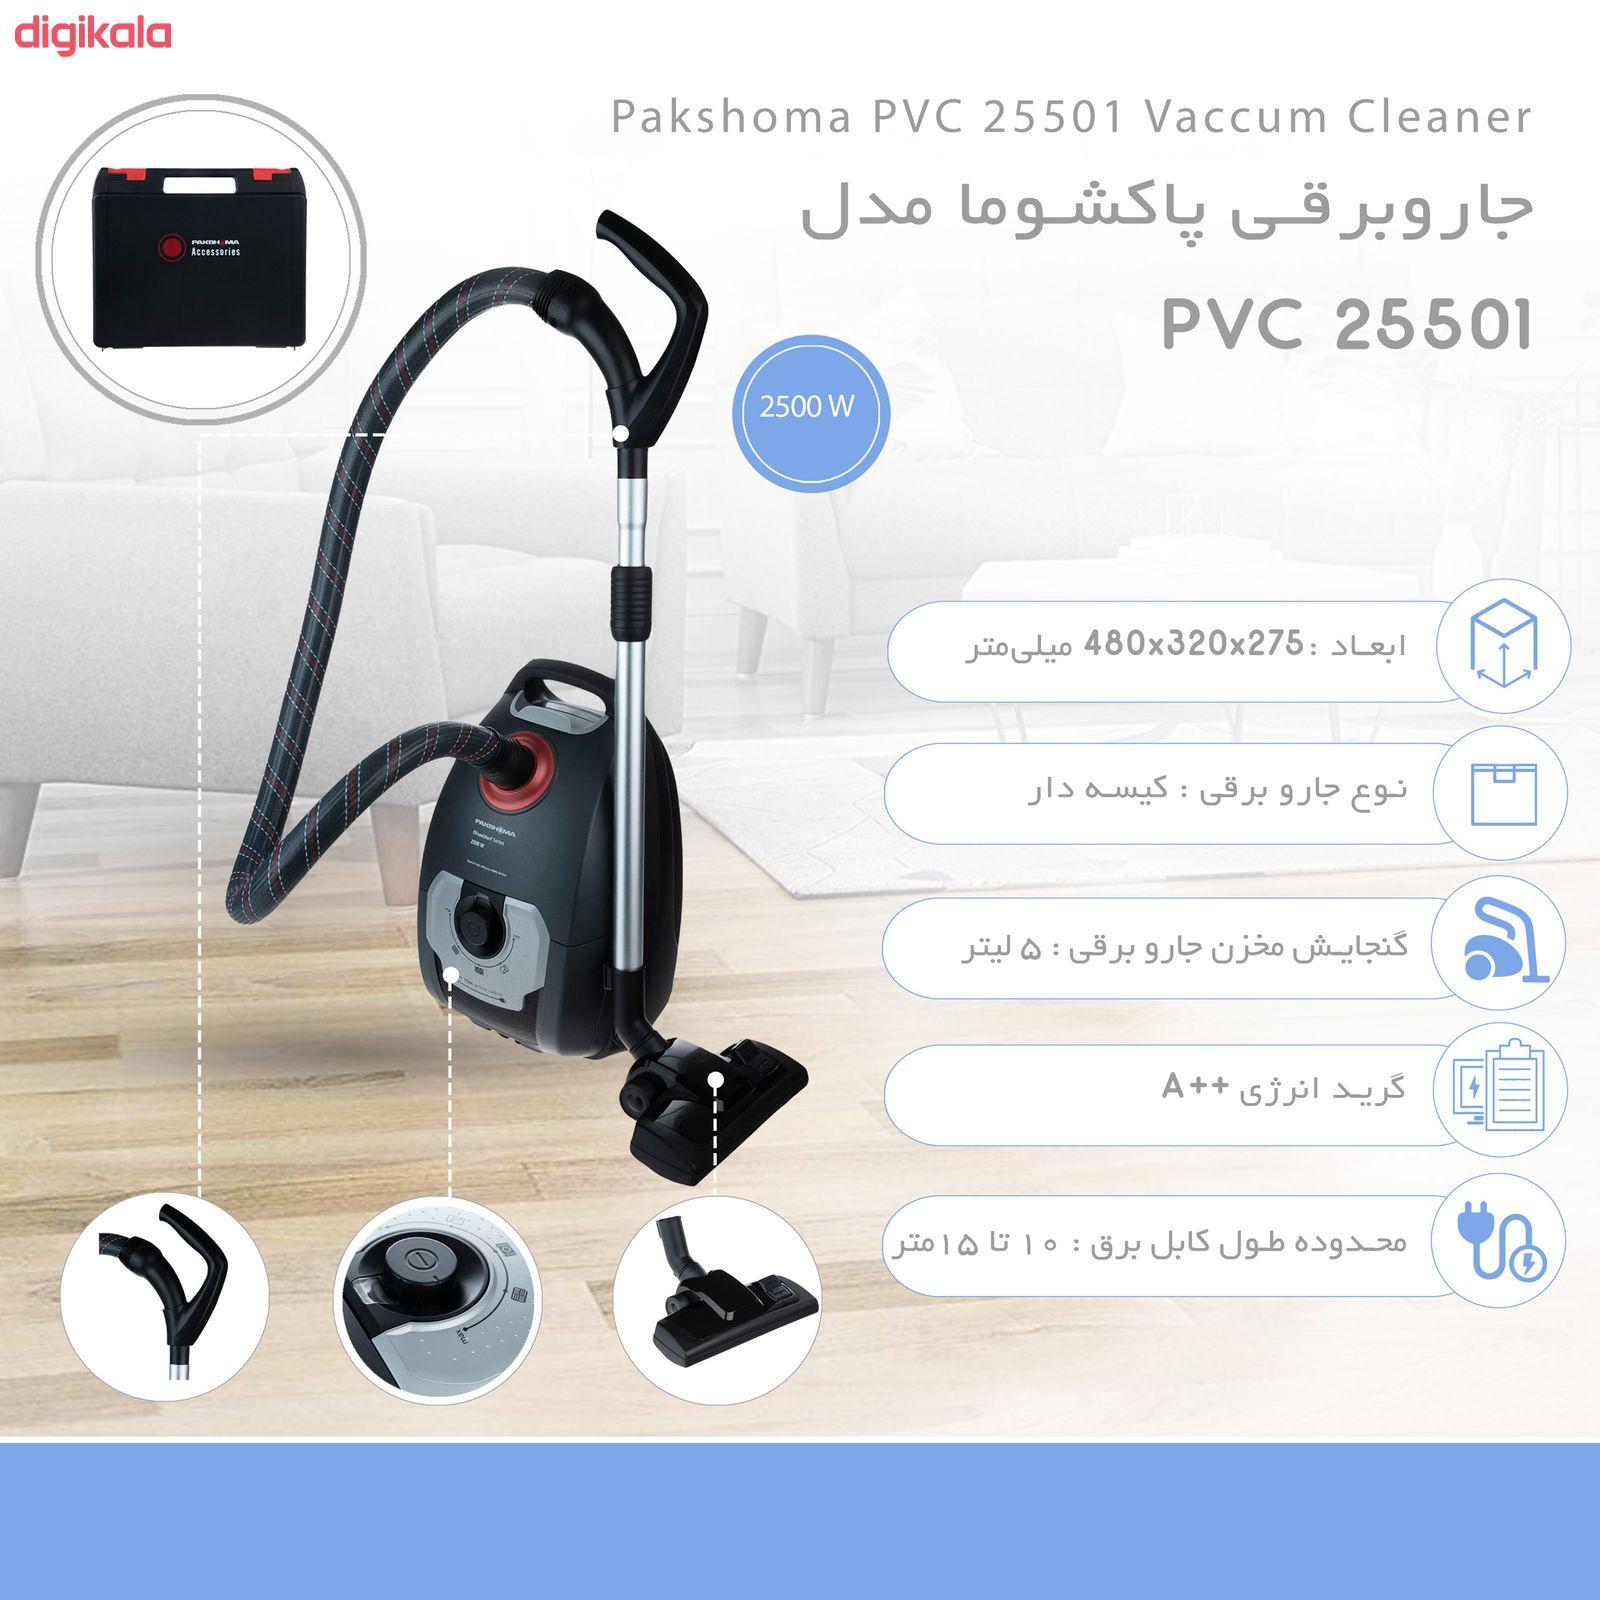 جاروبرقی پاکشوما مدل PVC 25501 main 1 27